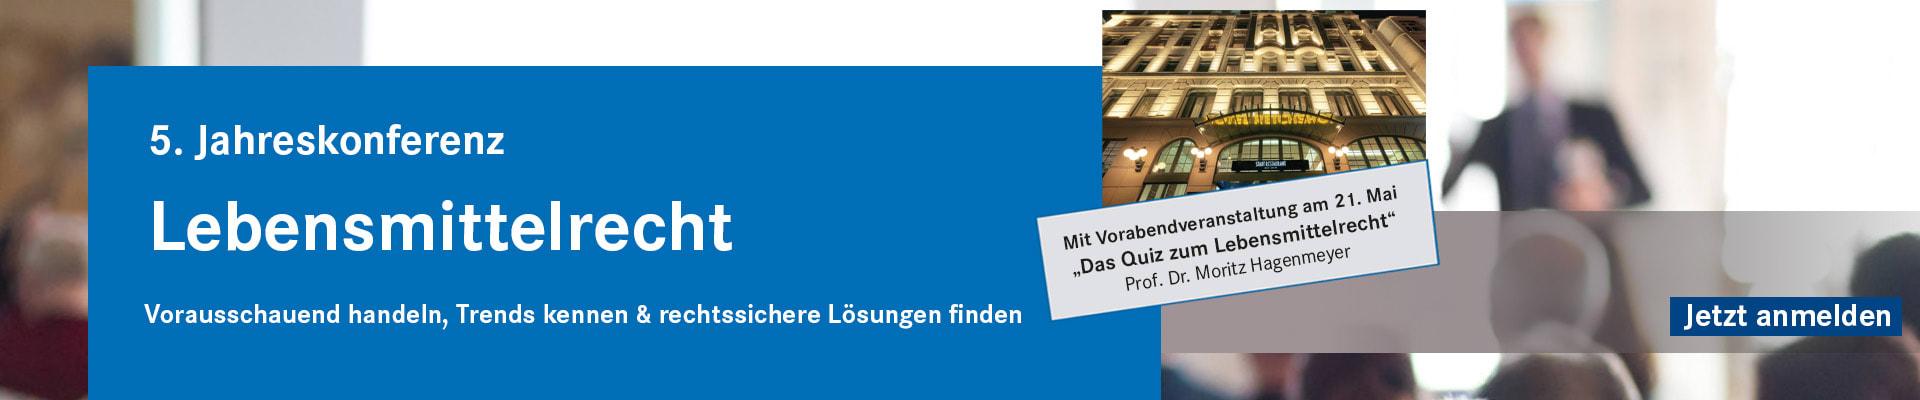 5. Jahreskonferenz LMR